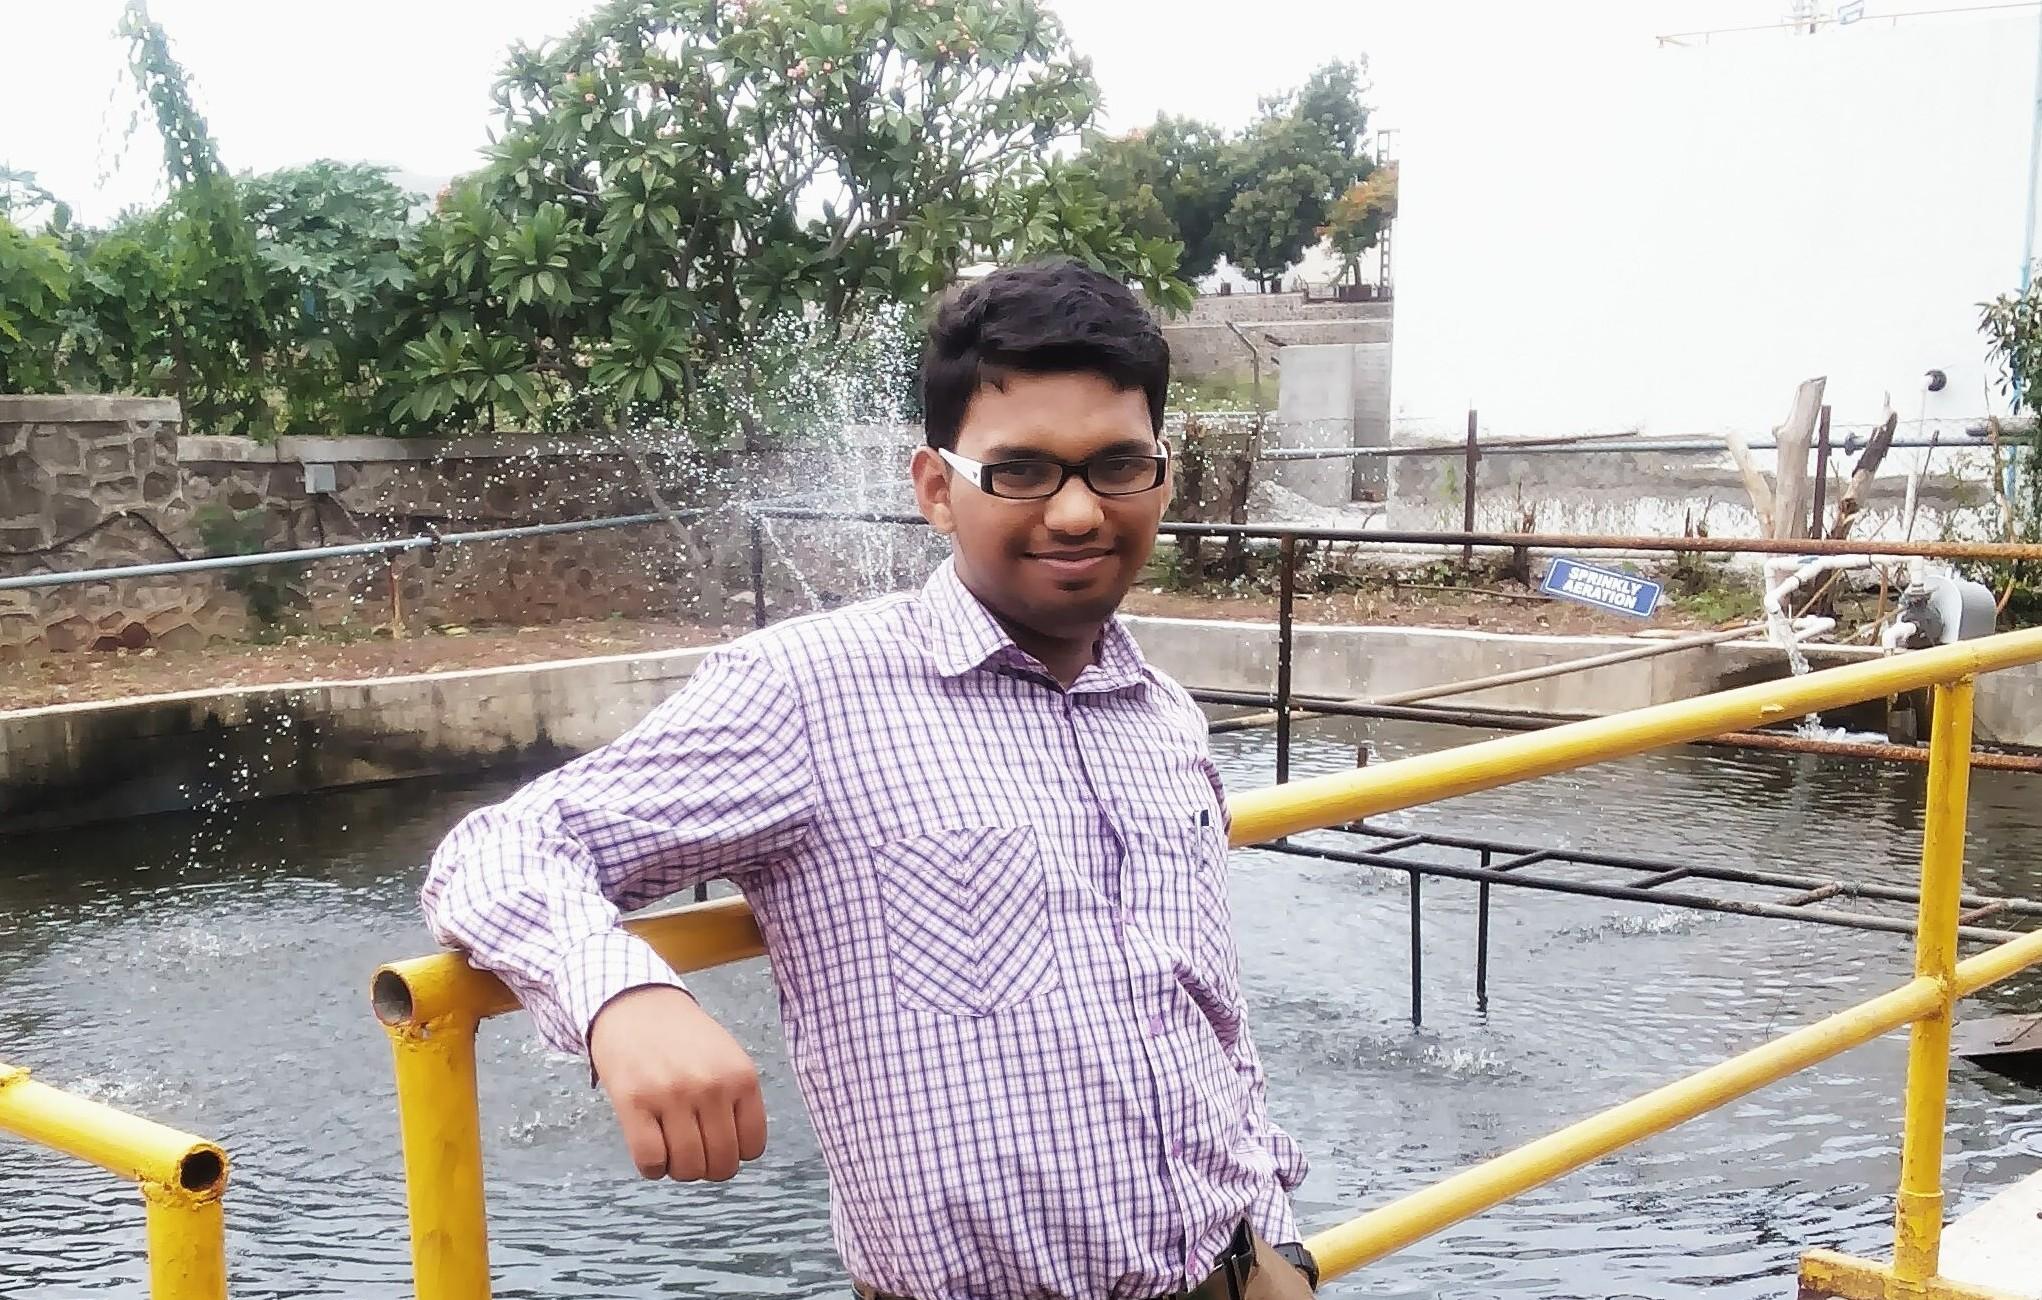 internship-at-godrej-lawkim-malhar-from-dypcoe